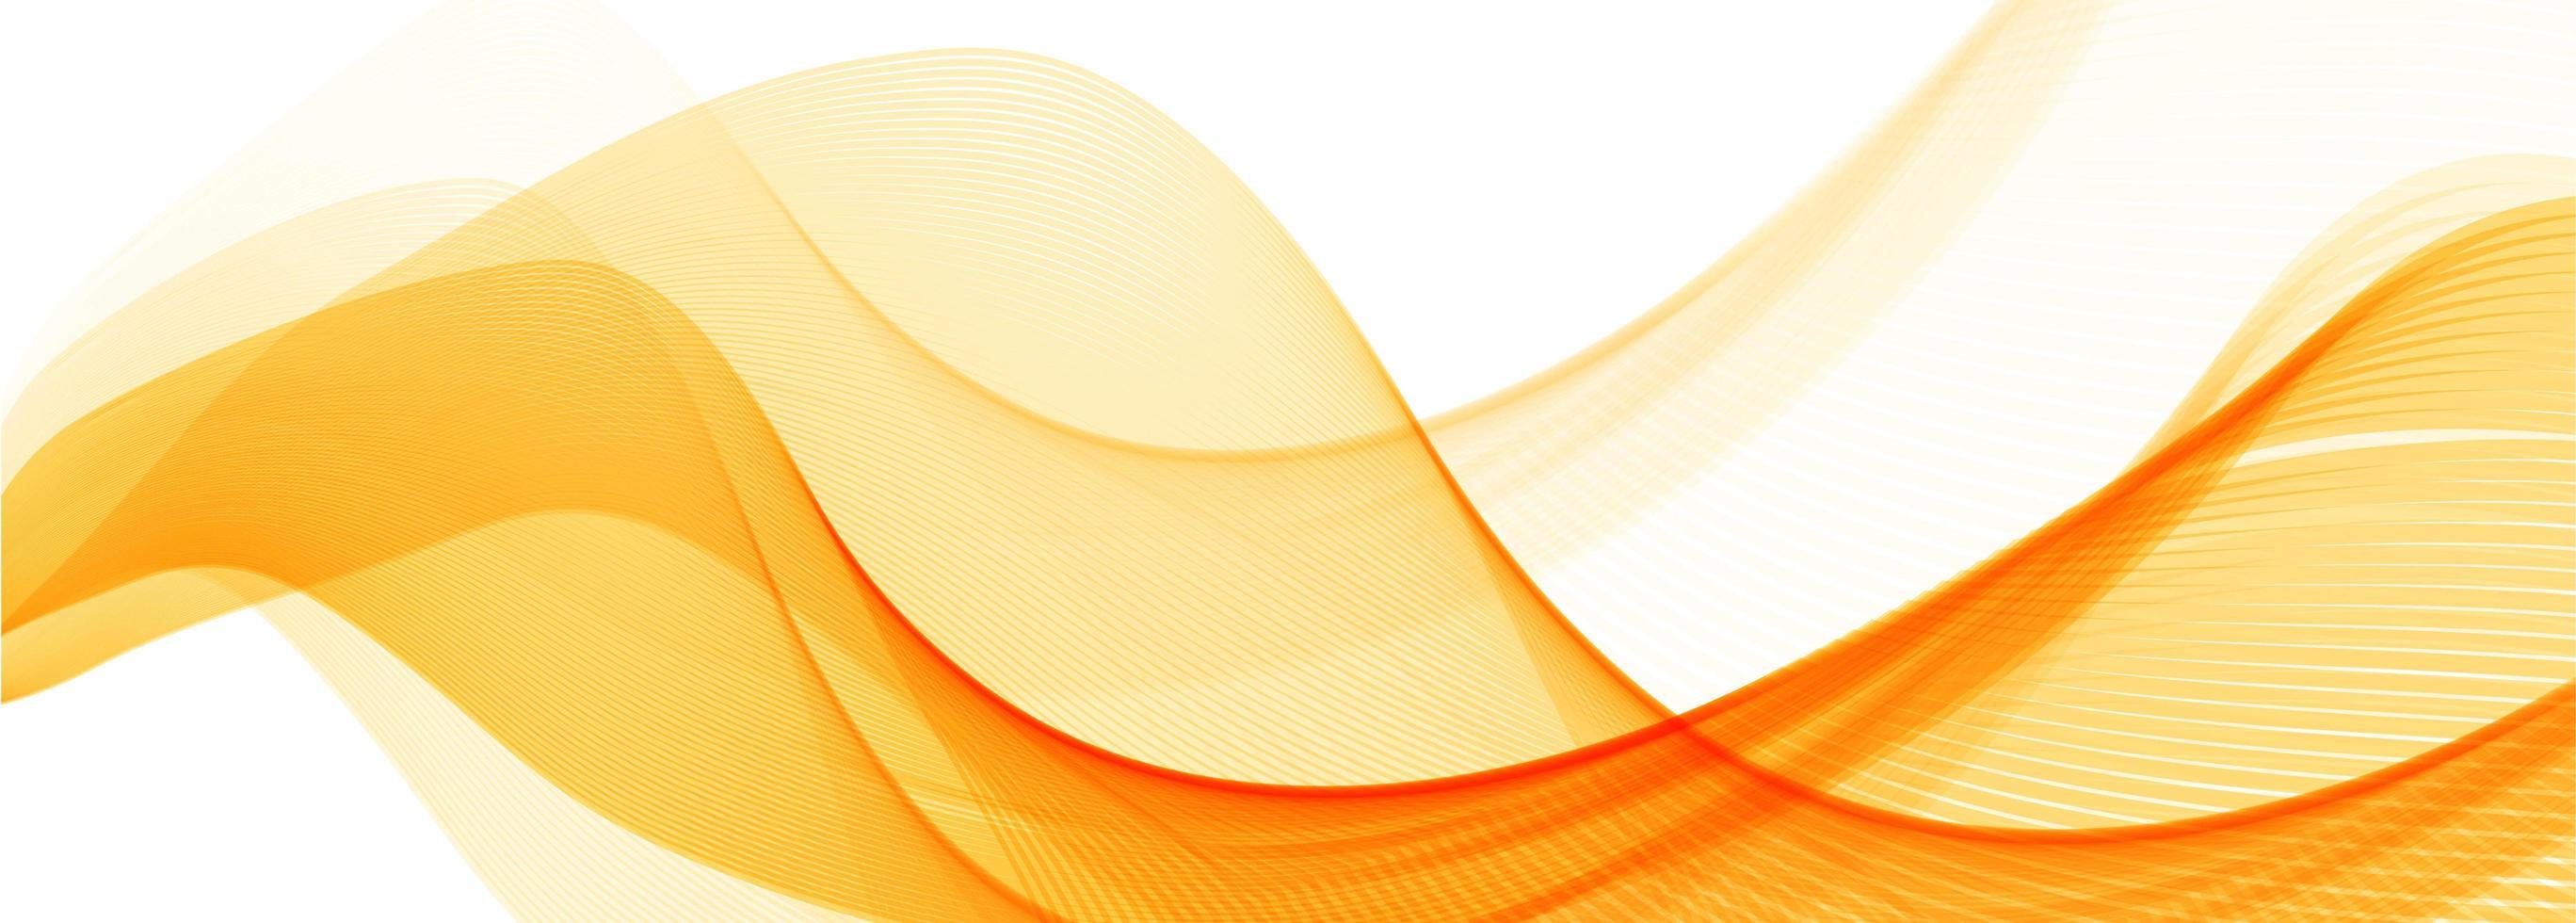 Fond de bannière abstraite vague élégante orange vecteur